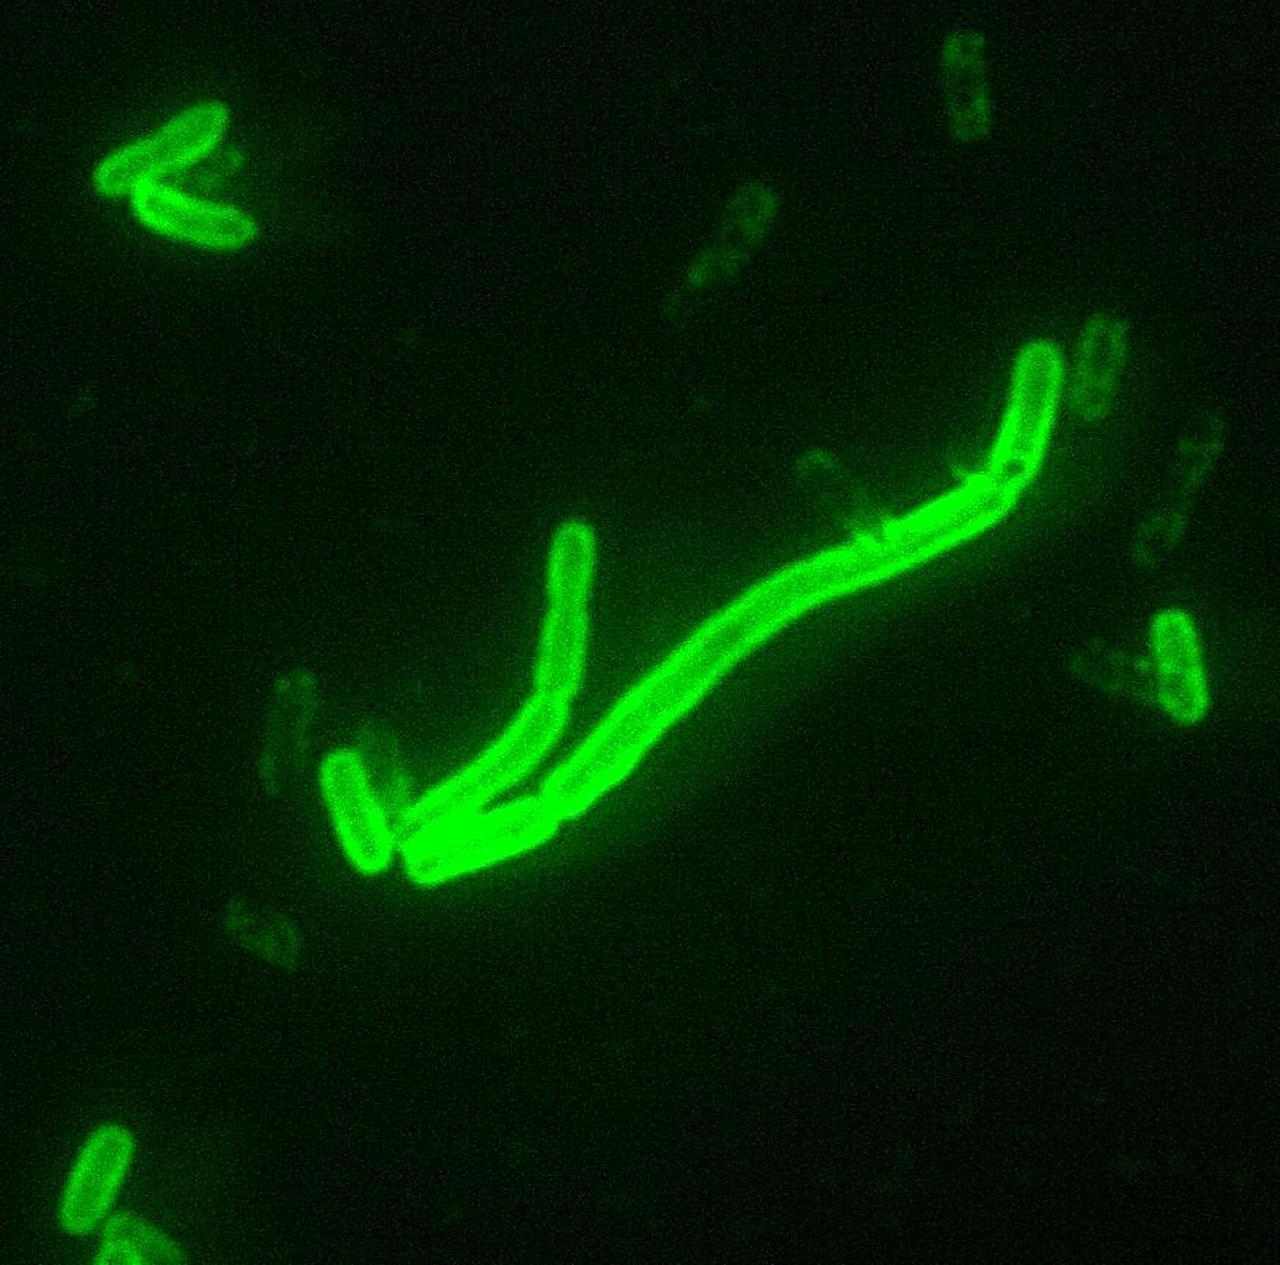 แบคทีเรีย เยอร์ซิเนีย เปสติส เชื้อก่อโรคกาฬโรค